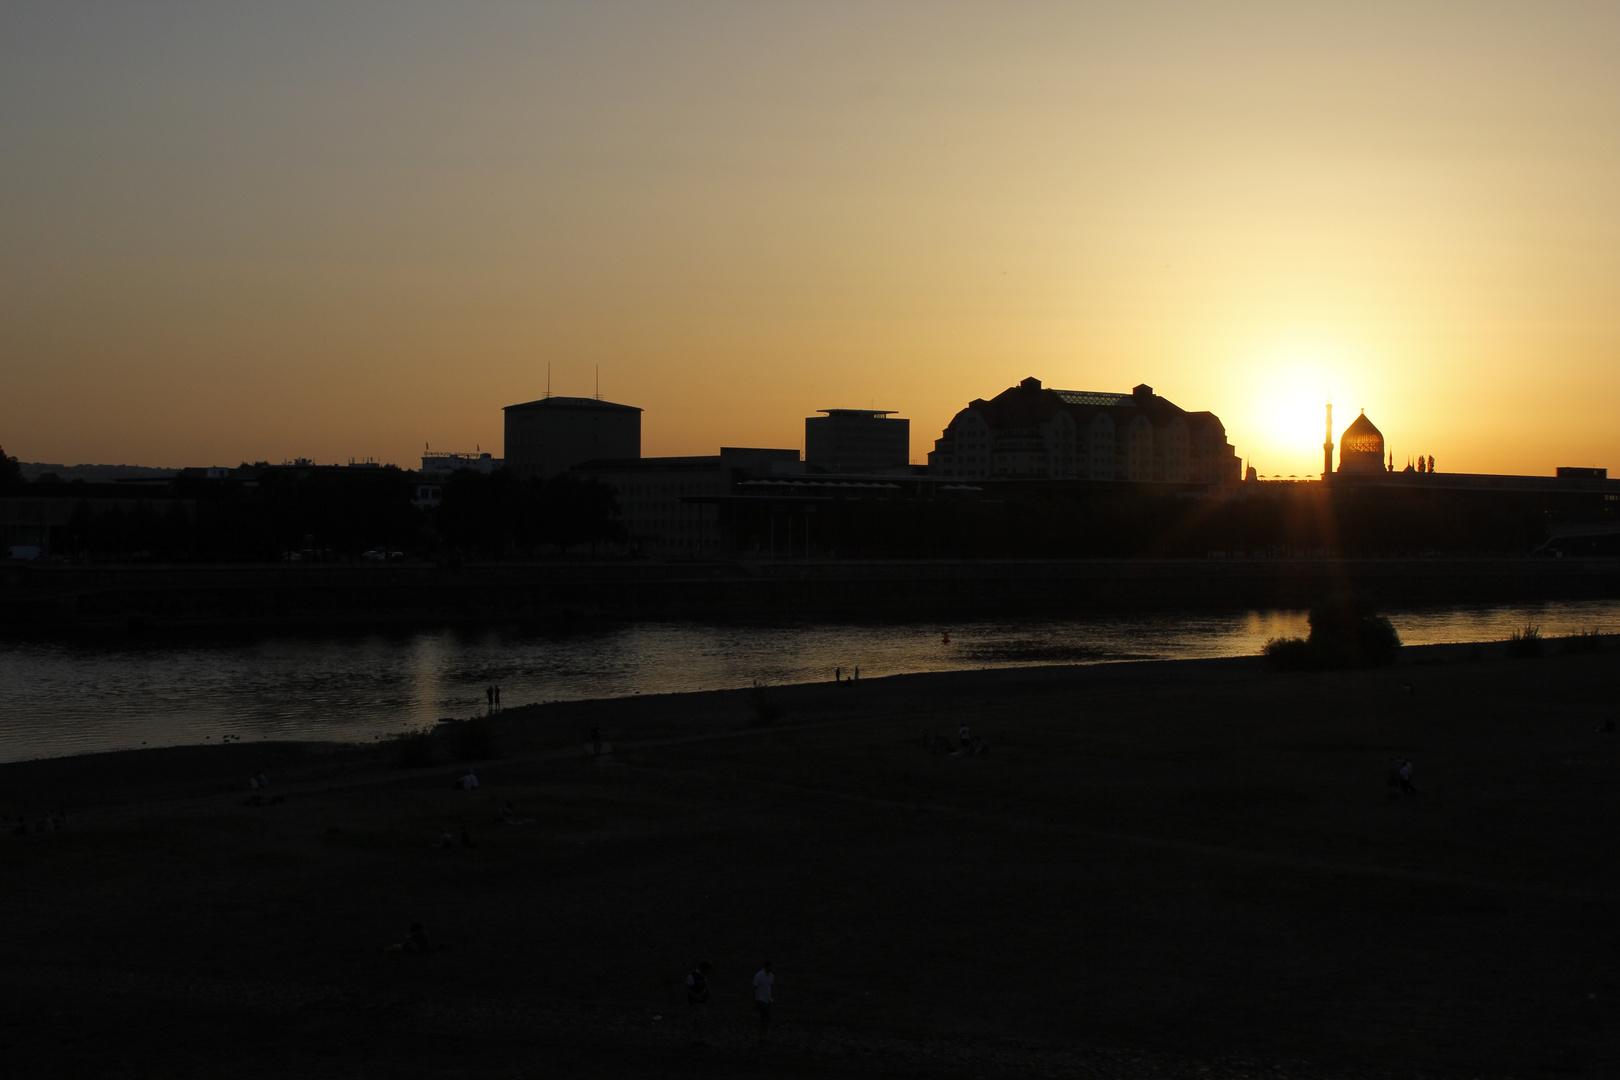 Sonnenuntergang über der Yenidze in Dresden